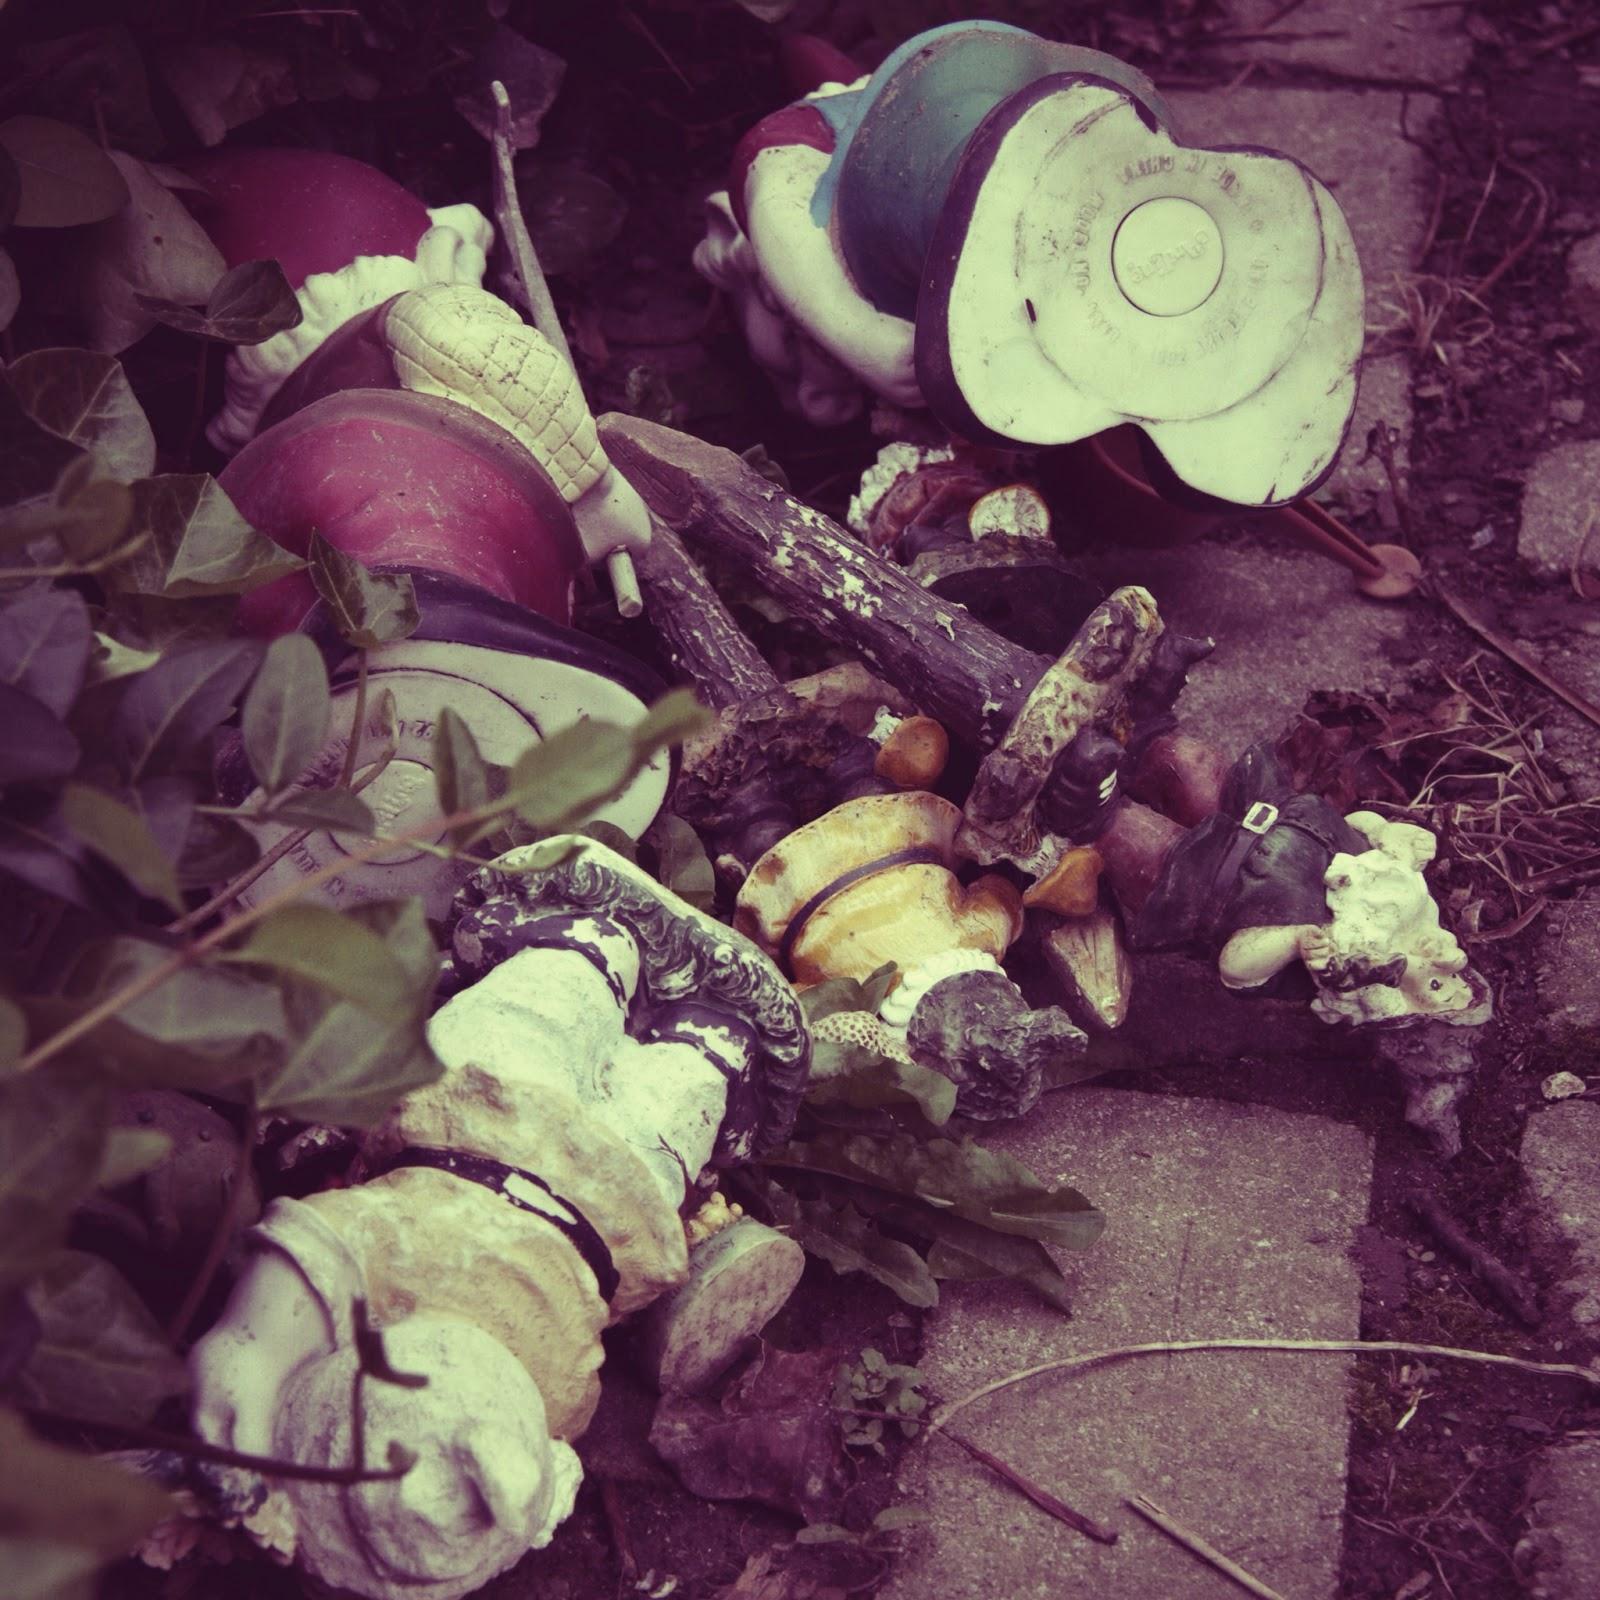 Garden Gnome Graveyard